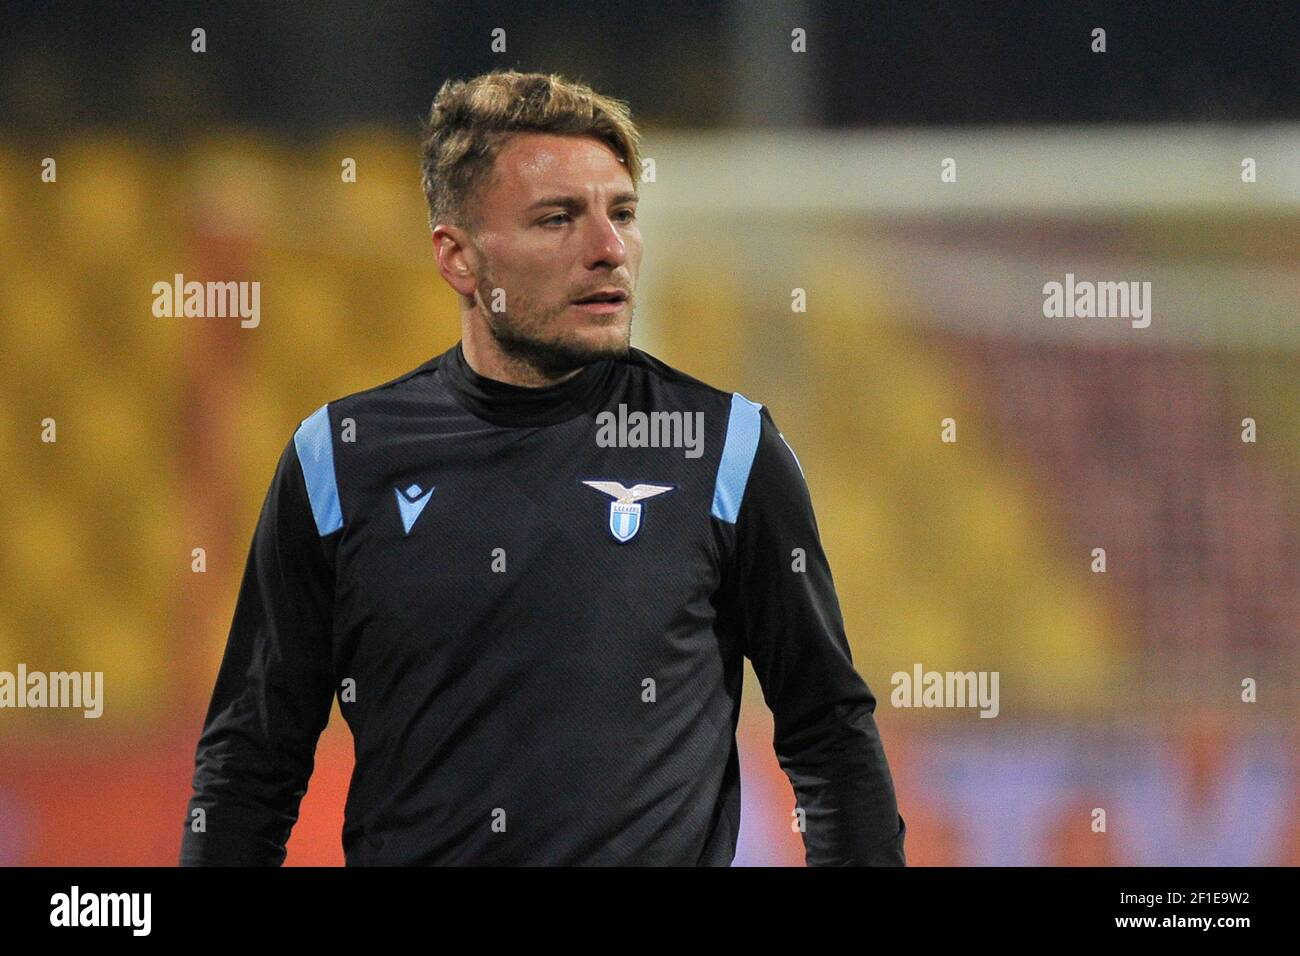 Ciro immobilista del Lazio, durante la partita della serie italiana UN campionato tra Benevento e Lazio, risultato finale 1-1, partita disputata al Foto Stock